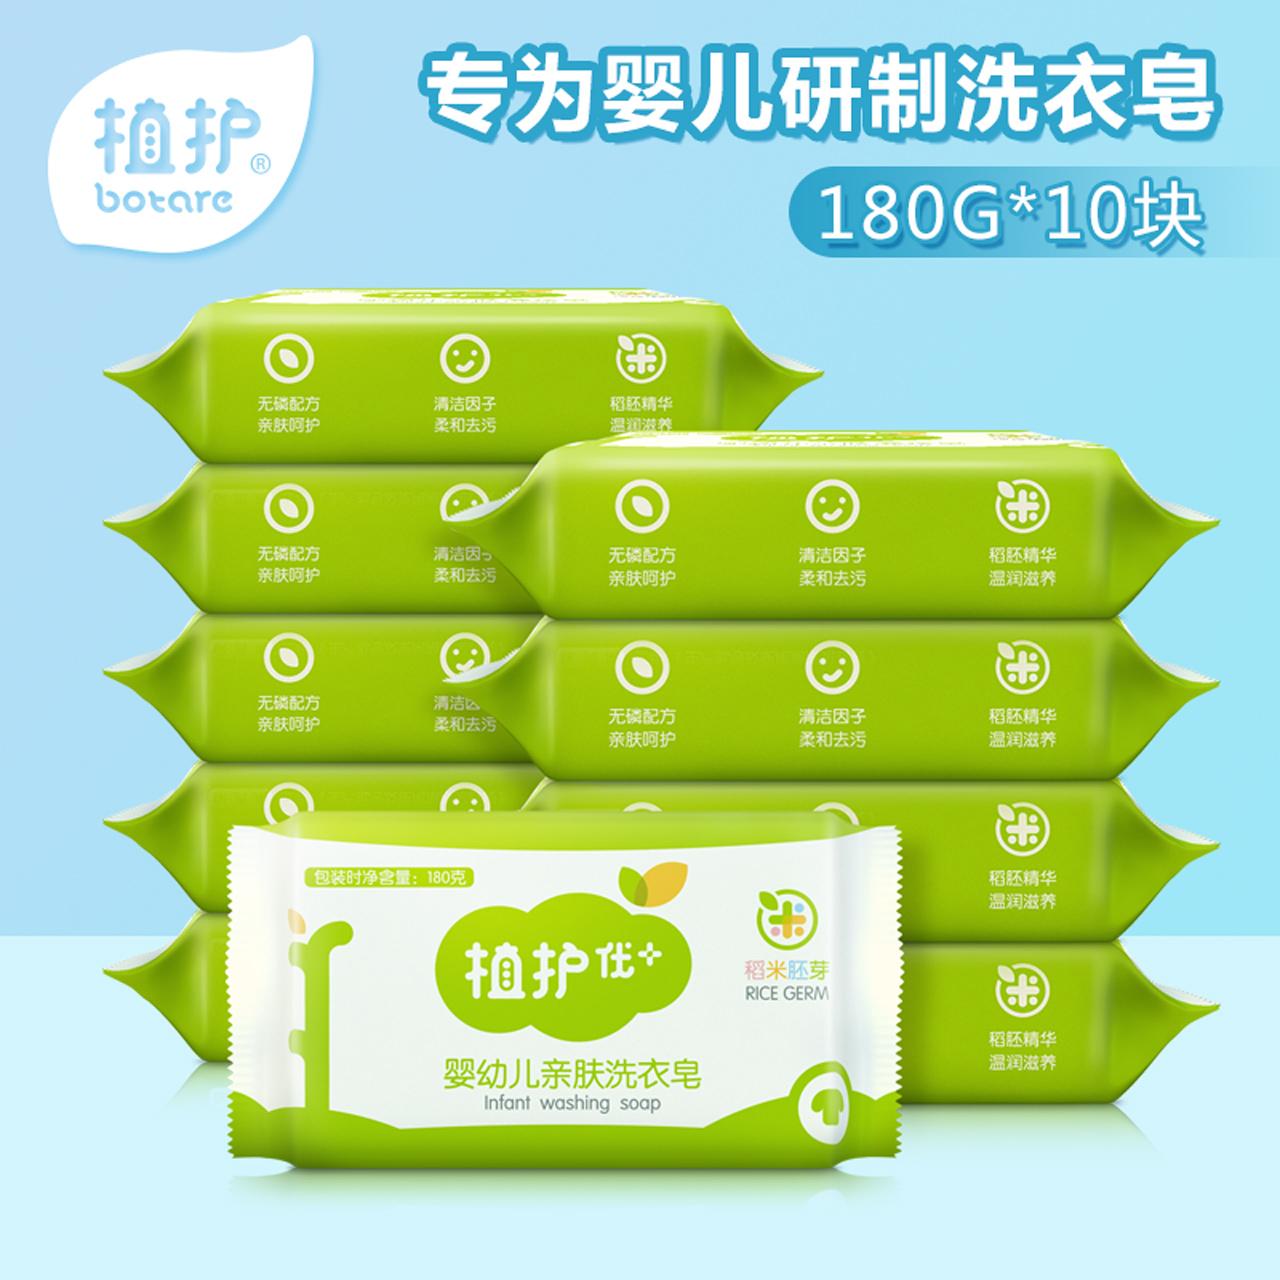 植护 婴儿洗衣皂180g*10 宝宝婴儿皂 肥皂婴幼儿童尿布皂BB皂